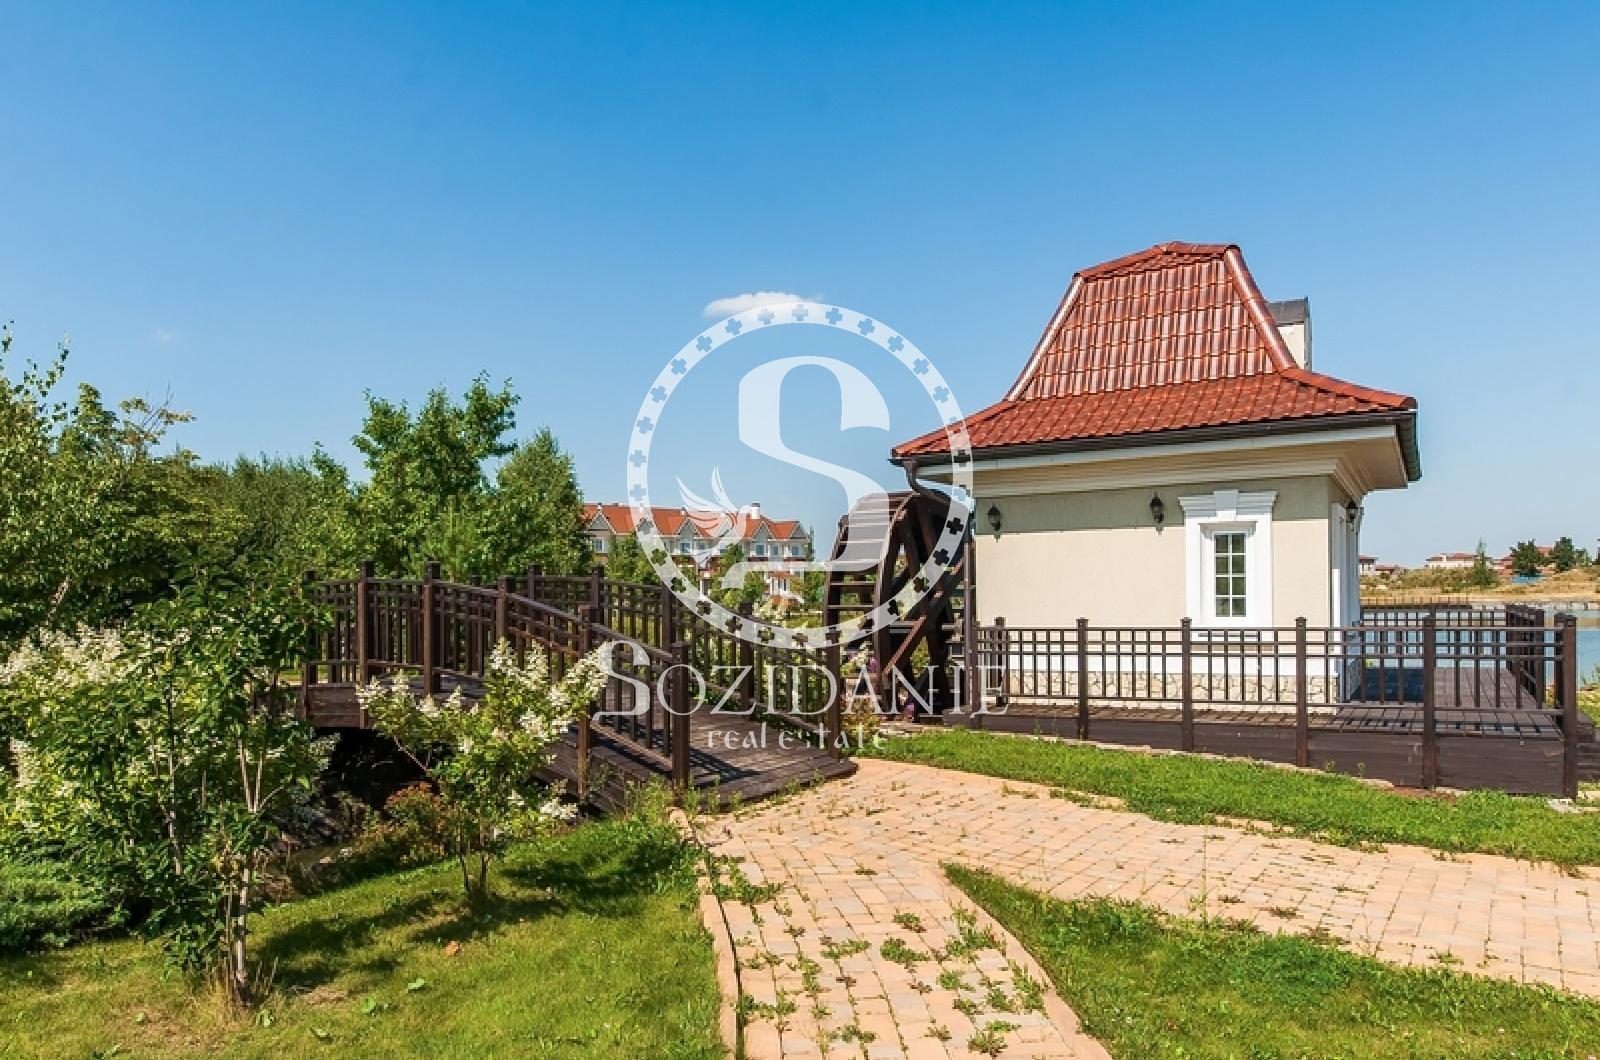 4 Bedrooms, Загородная, Продажа, Listing ID 1421, Московская область, Россия,